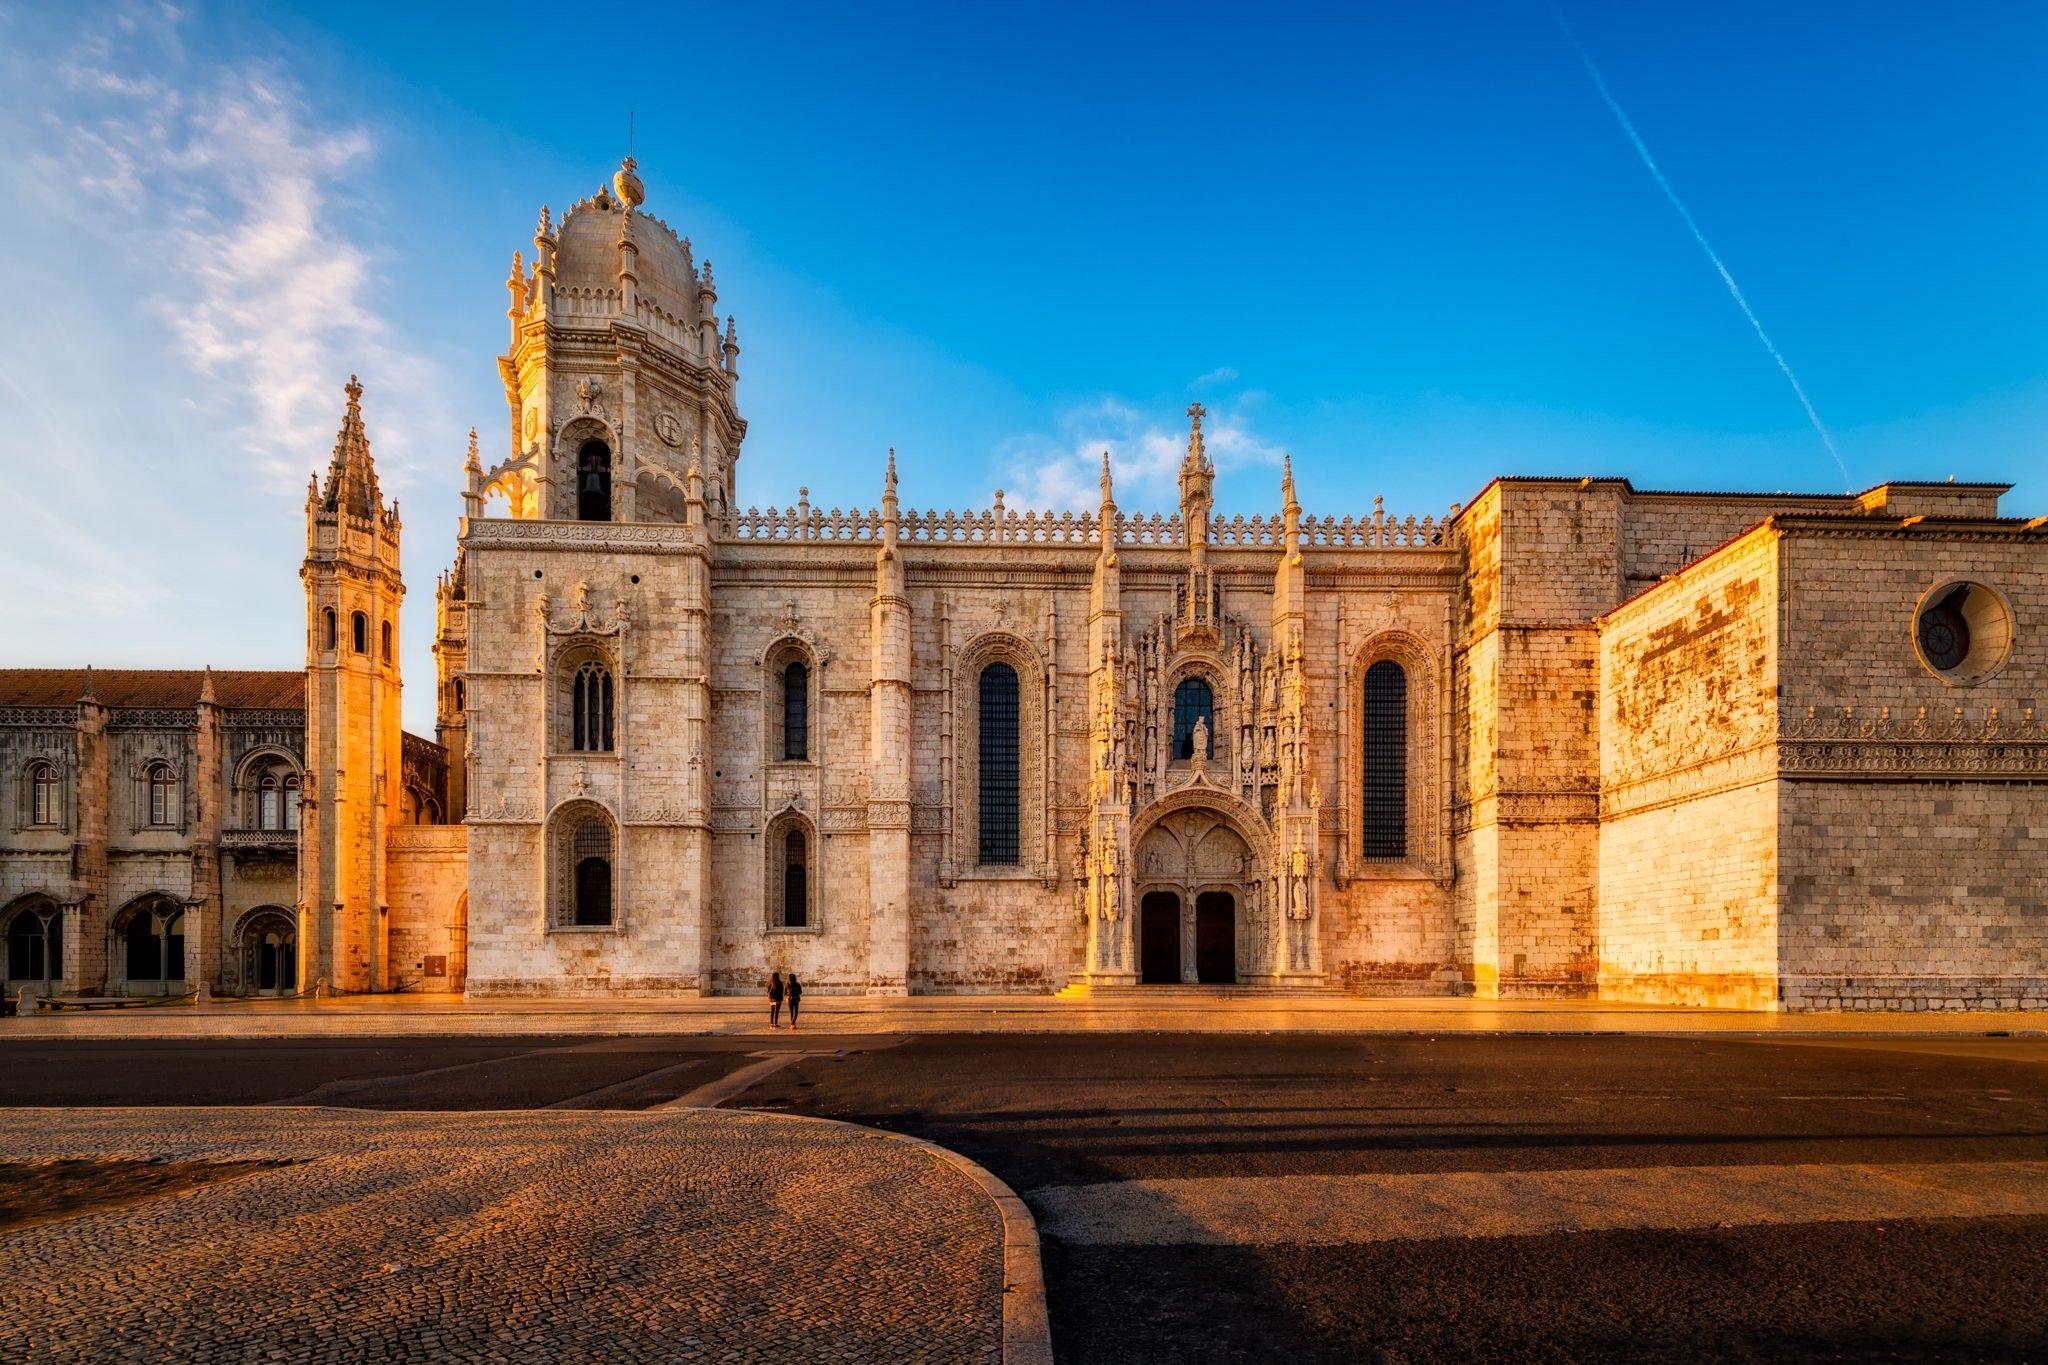 Jerónimos Klooster in de wijk Belem in Lissabon.